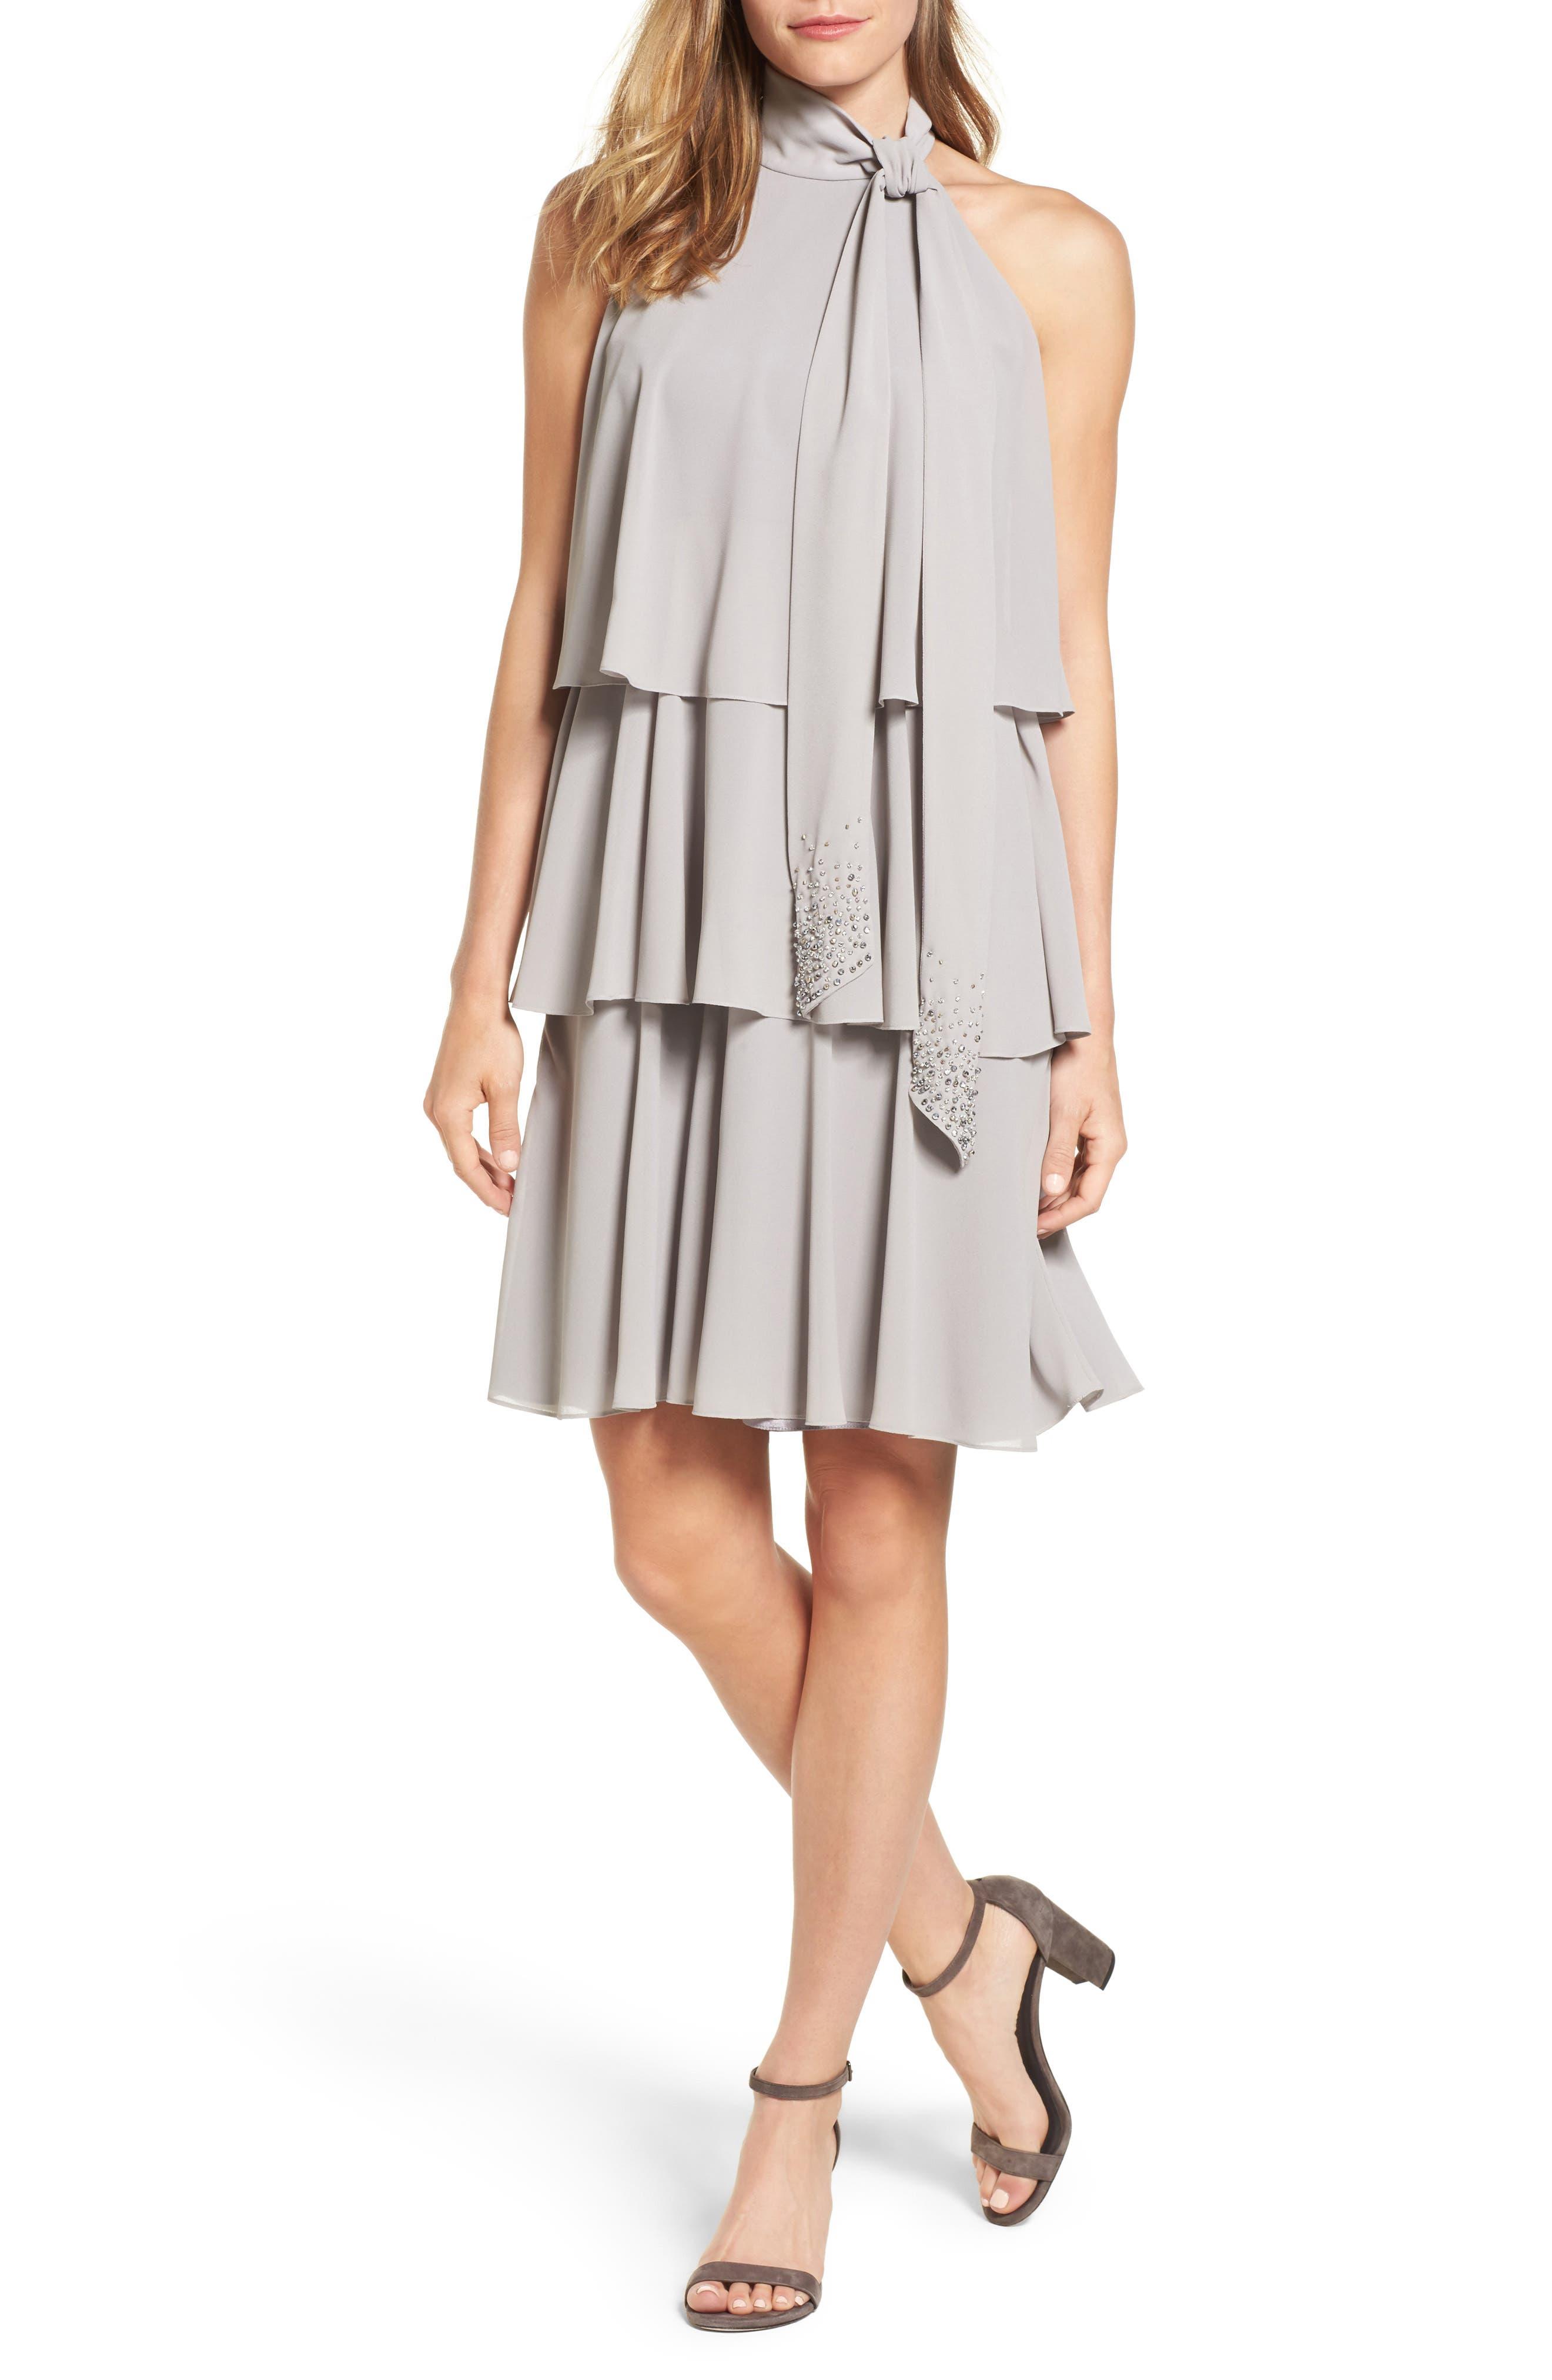 Vince Camuto Embellished Swing Dress